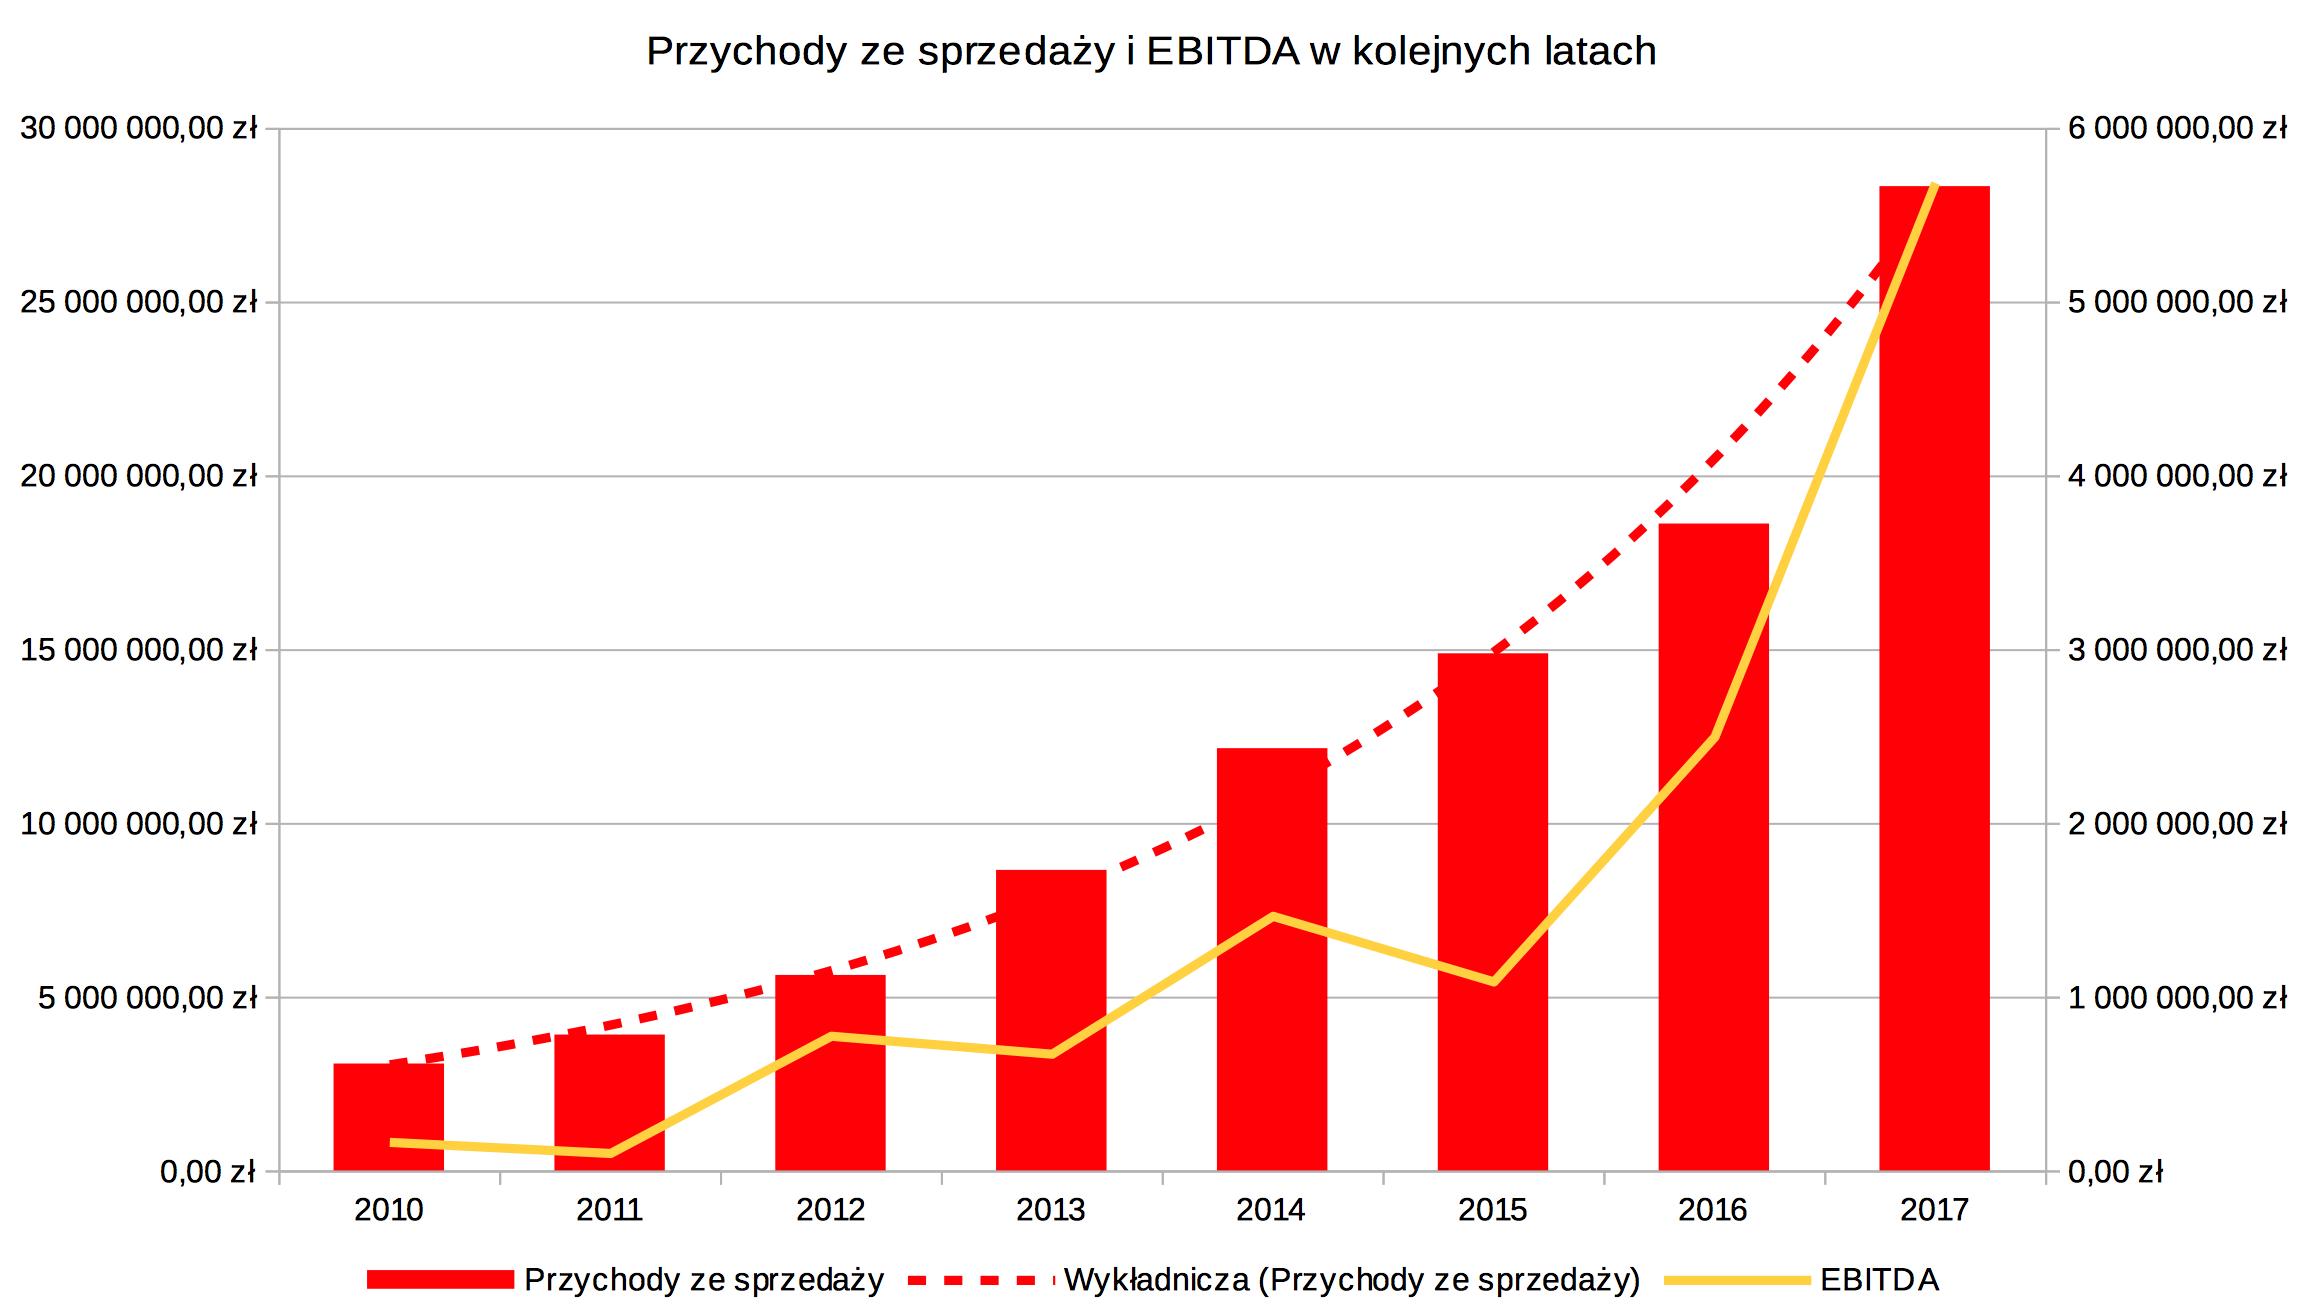 EBITDA i przychody ze sprzedaży w kolejnych latach - EBITDA i przychody ze sprzedaży w kolejnych latach